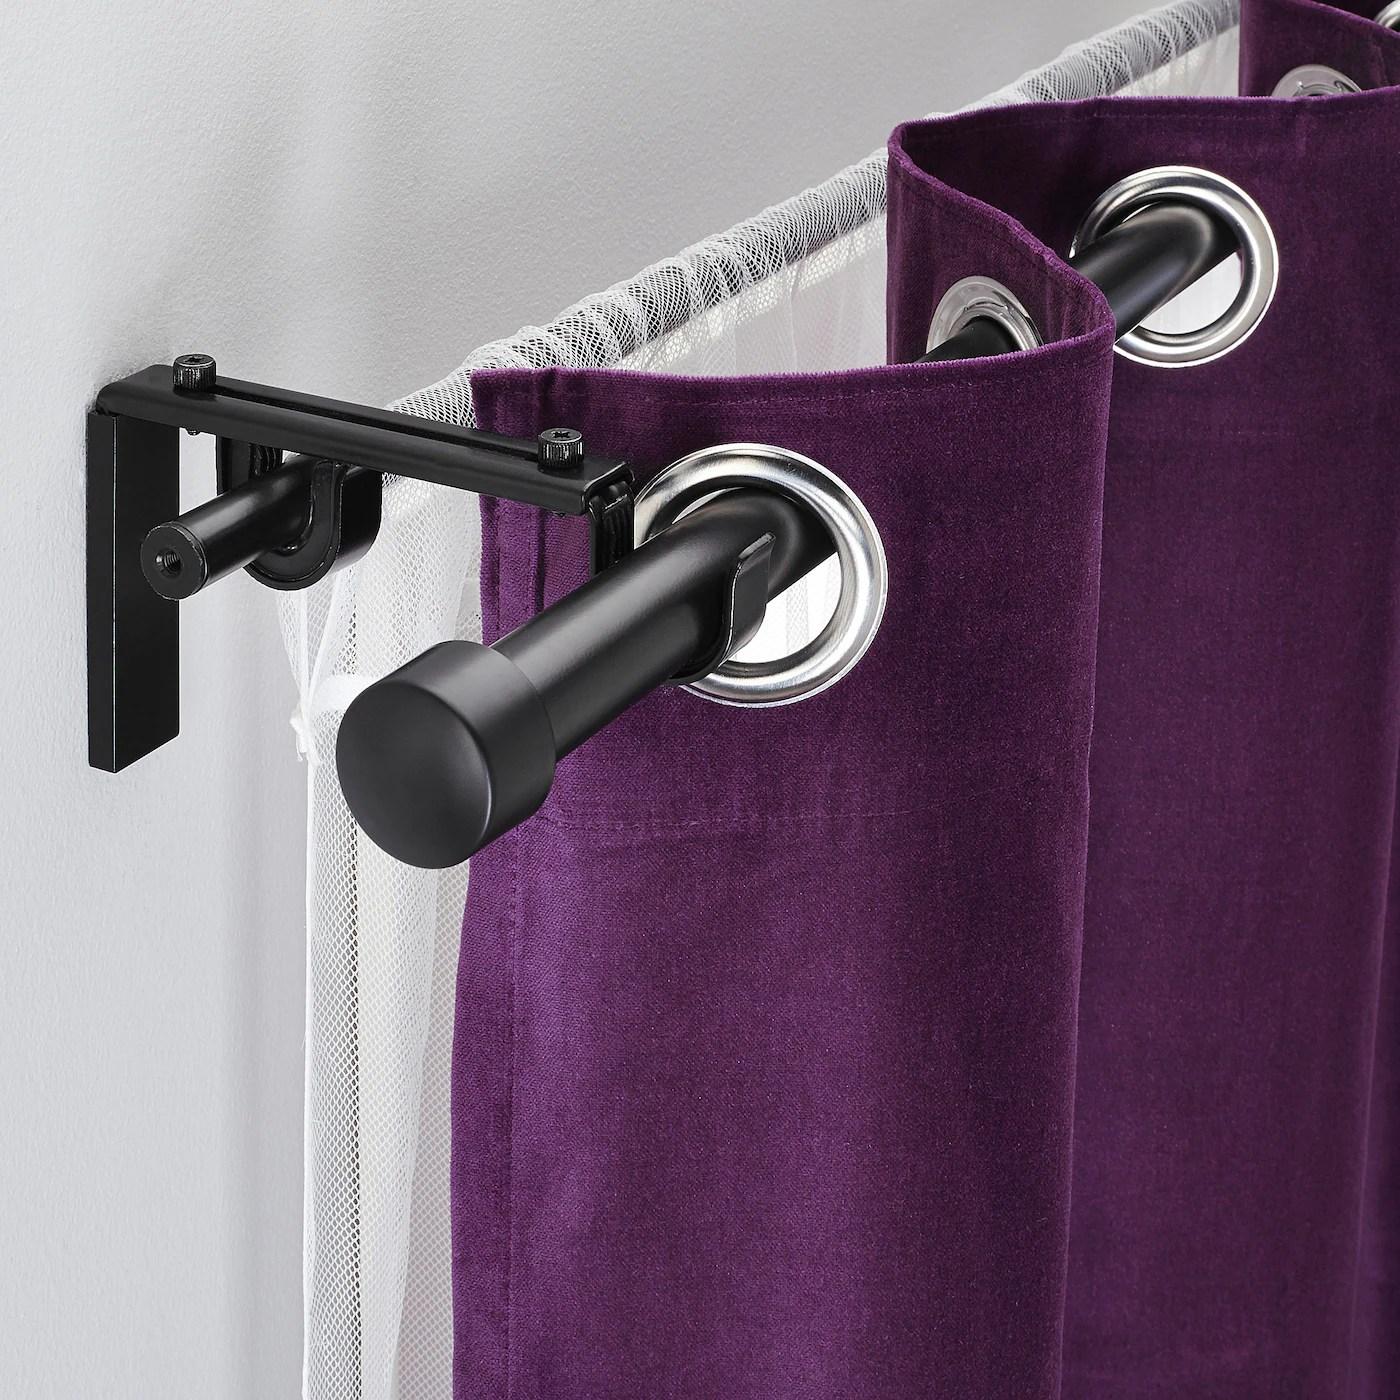 racka hugad combi tringle a rideaux double noir 120 210 cm